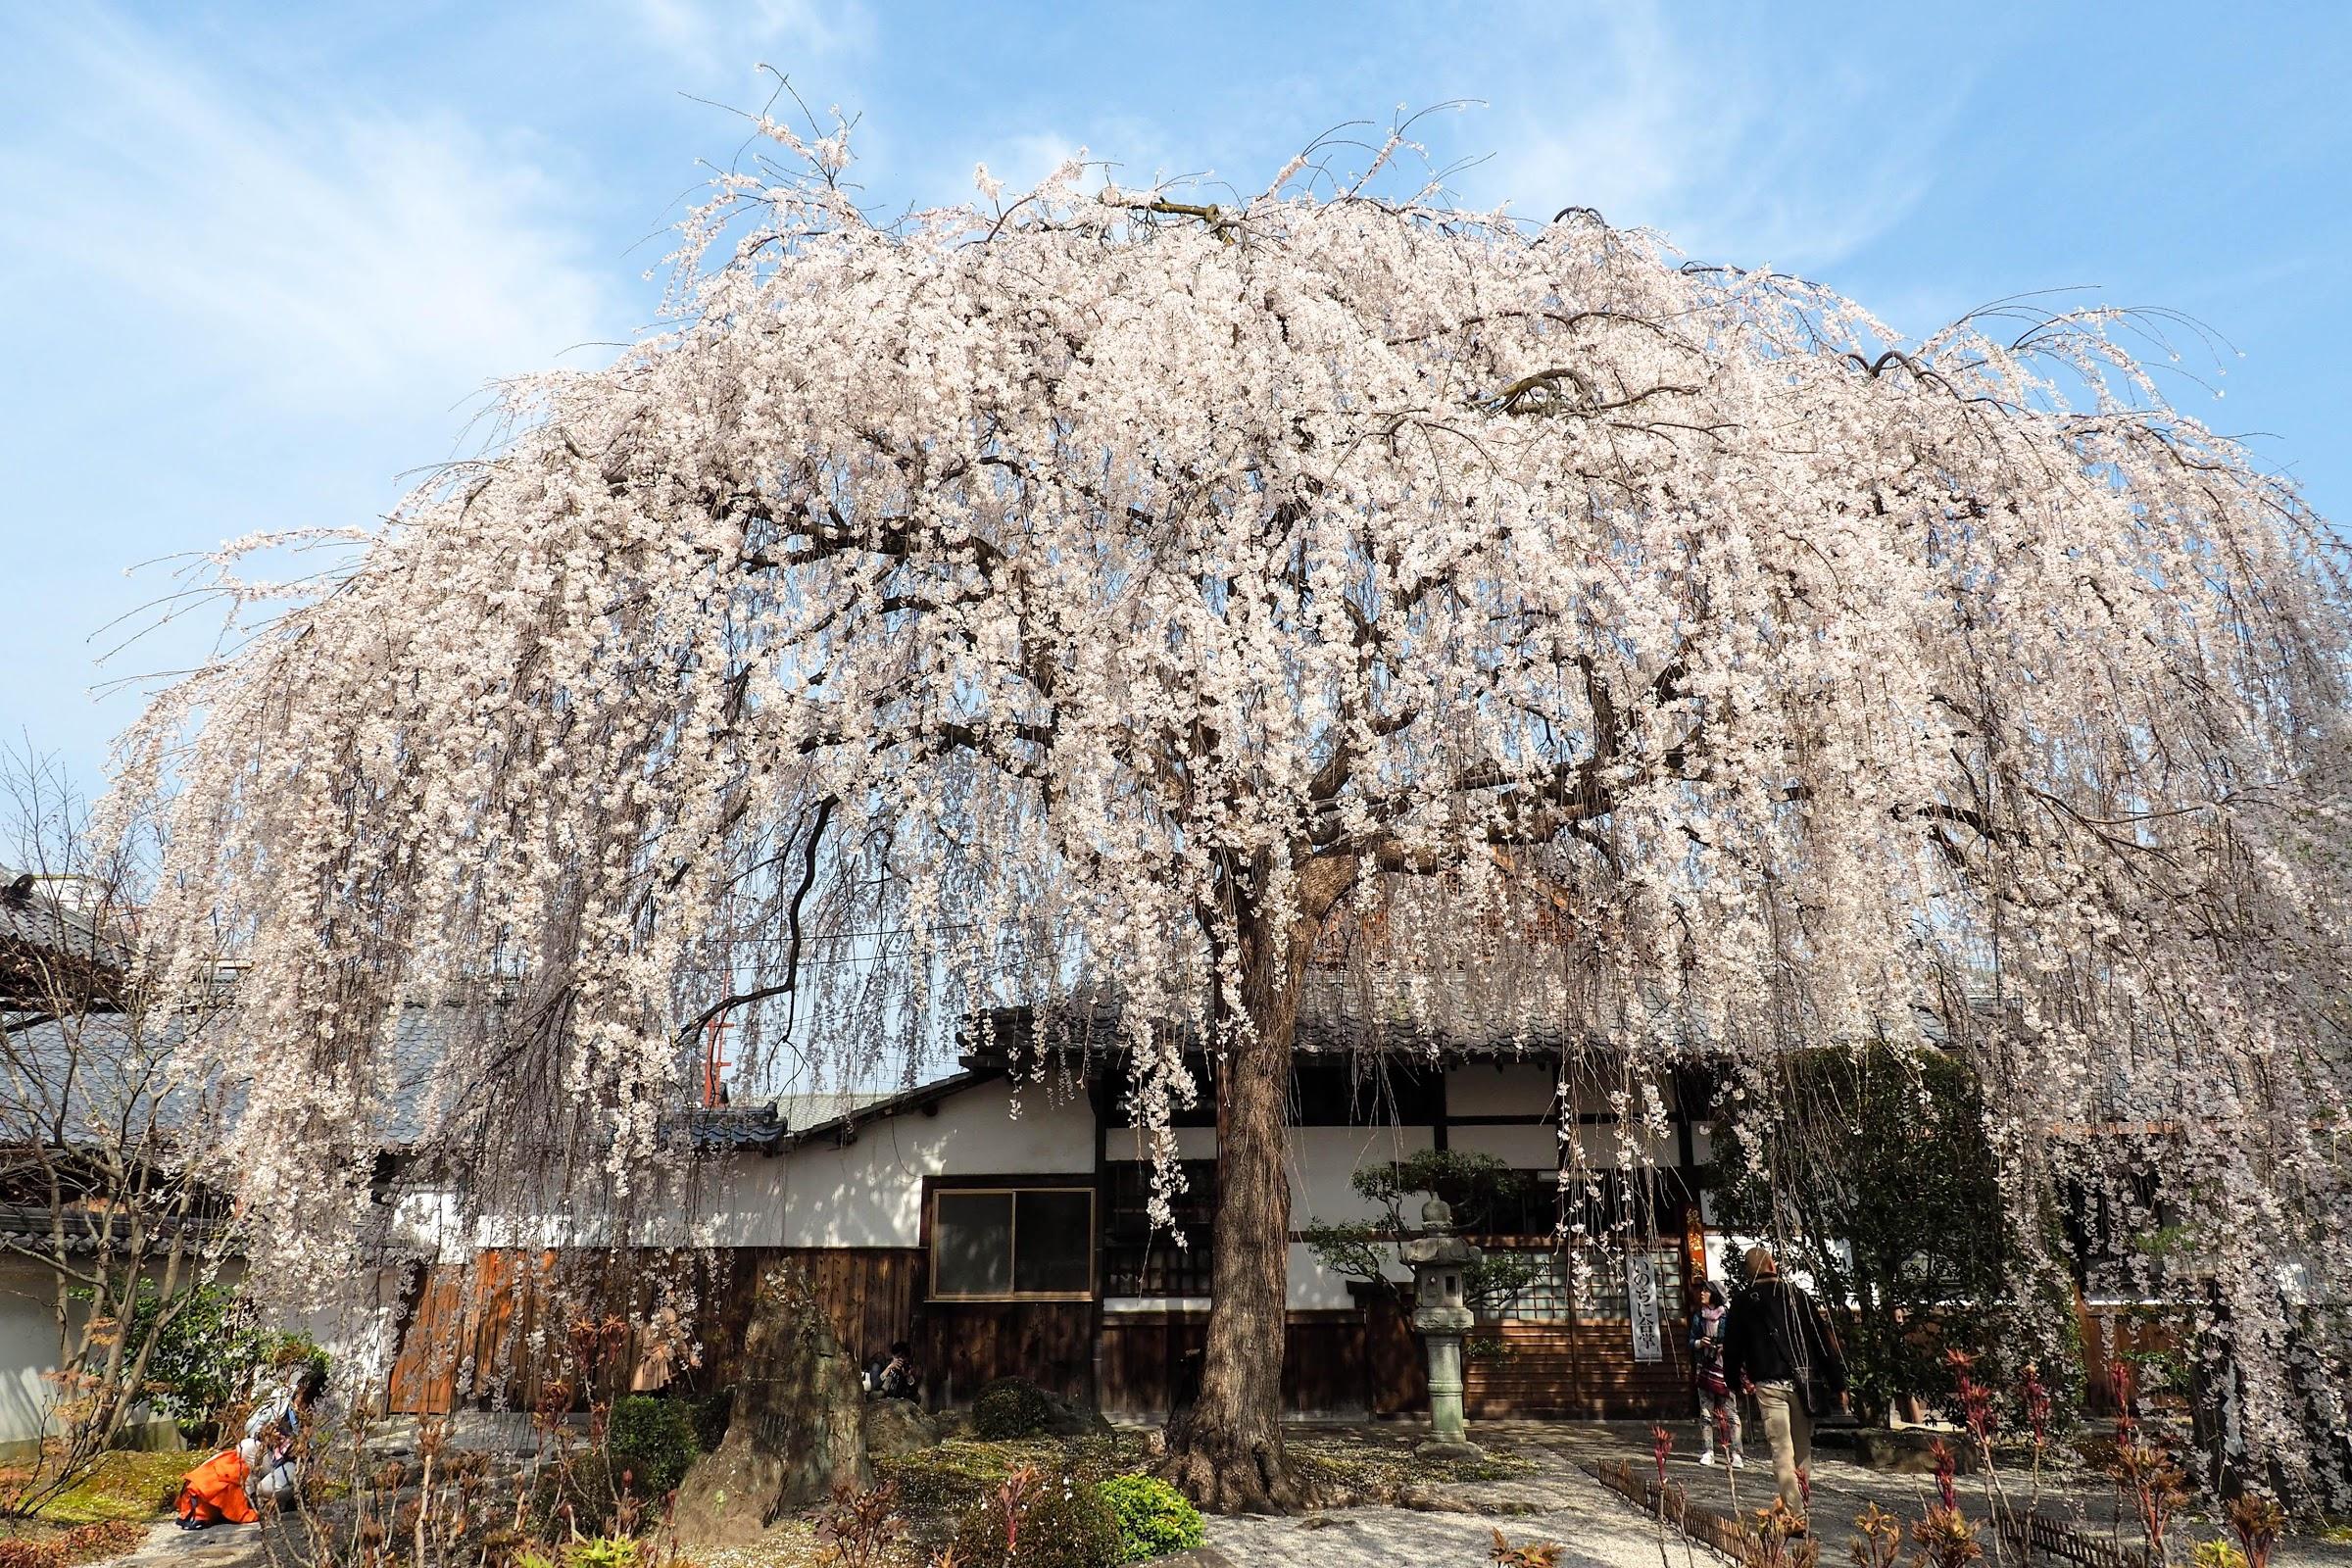 京都賞櫻|別再只去清水寺了!9處必訪的夢幻櫻花秘境 〖食攝人生事務所〗